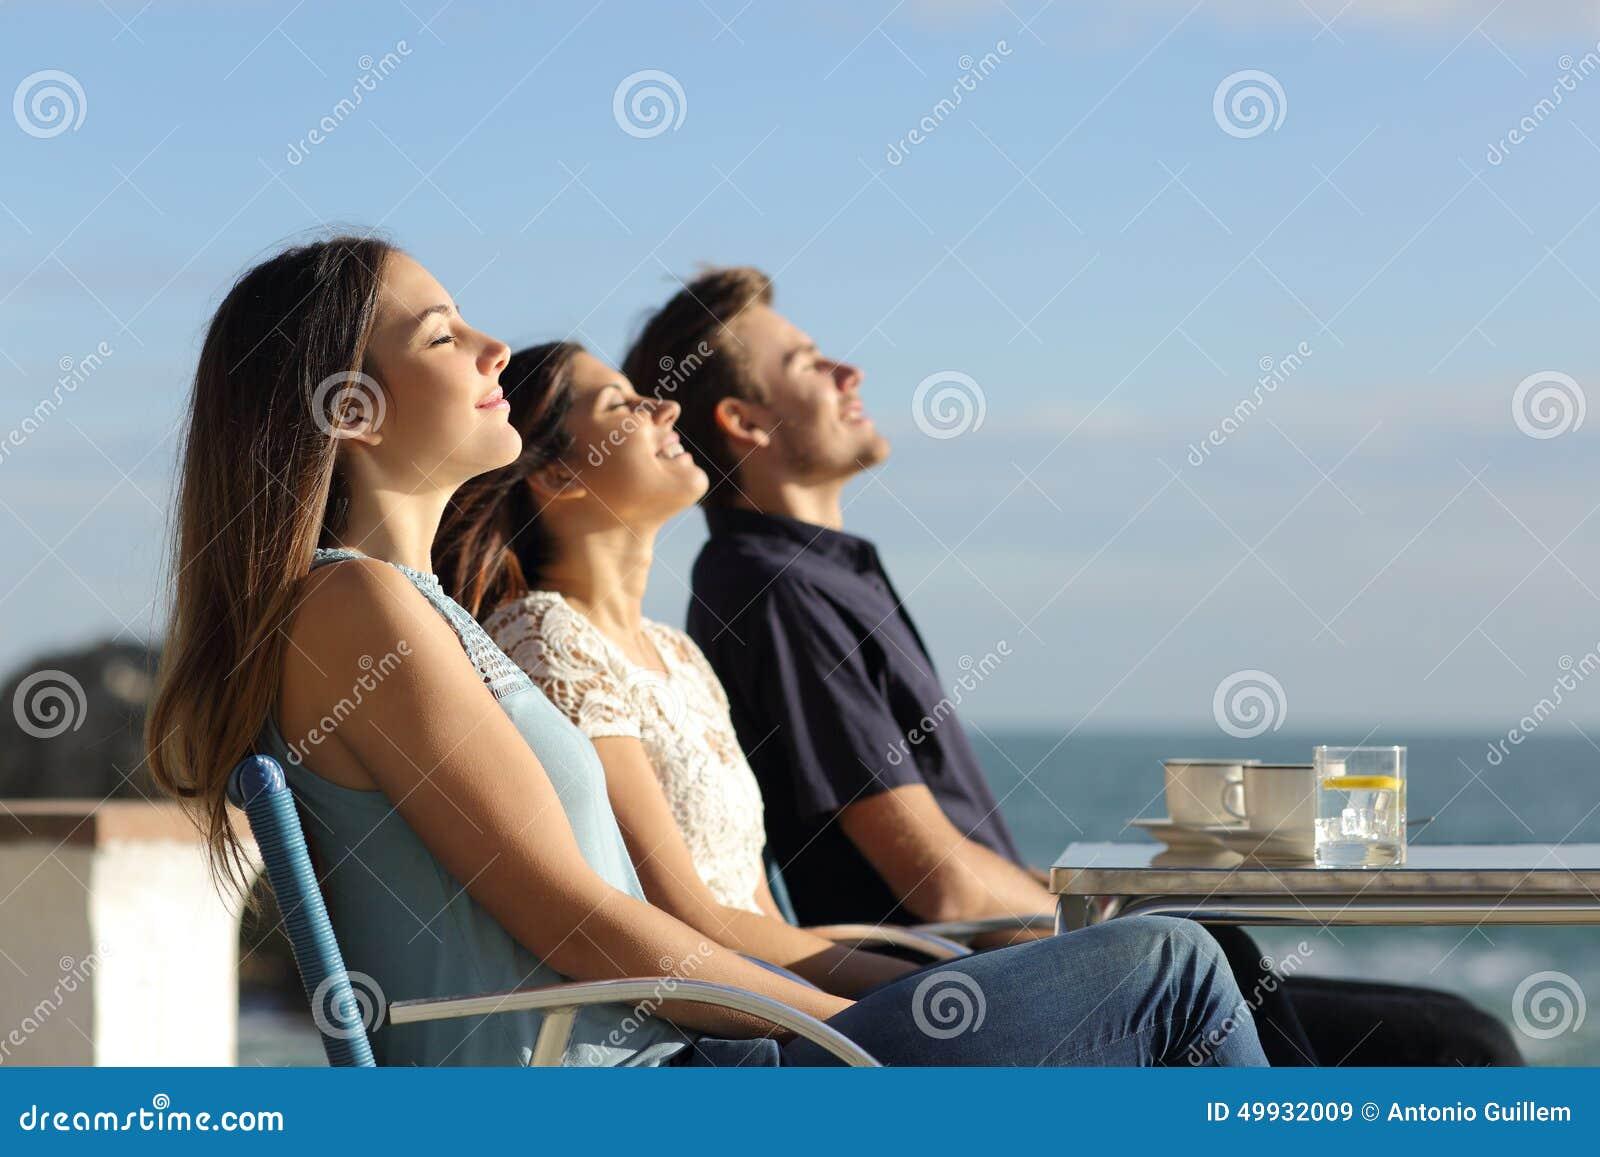 Gruppo di amici che respirano aria fresca in un ristorante sulla spiaggia